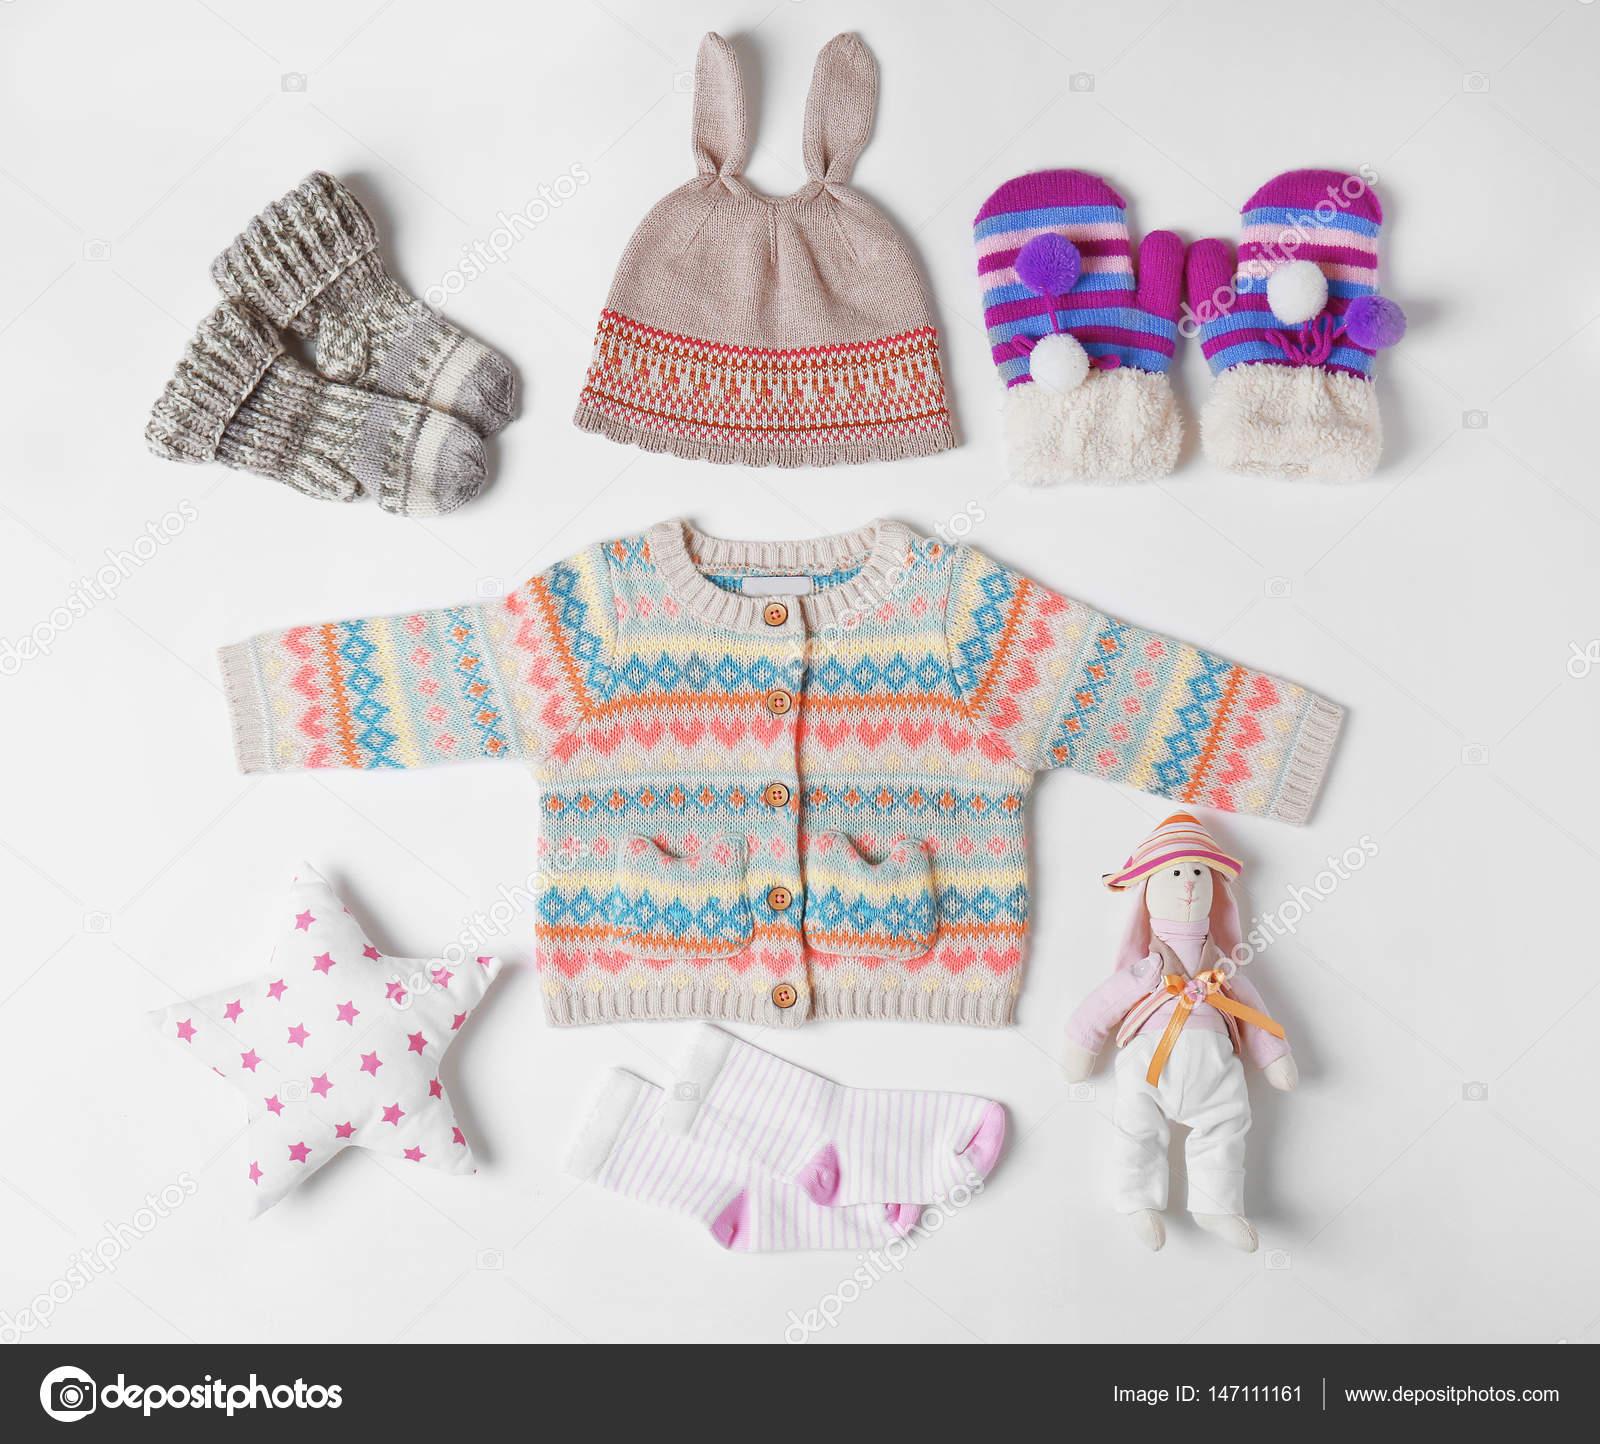 02d35ddc3302 Παιδικά ρούχα και αξεσουάρ — Φωτογραφία Αρχείου © belchonock #147111161